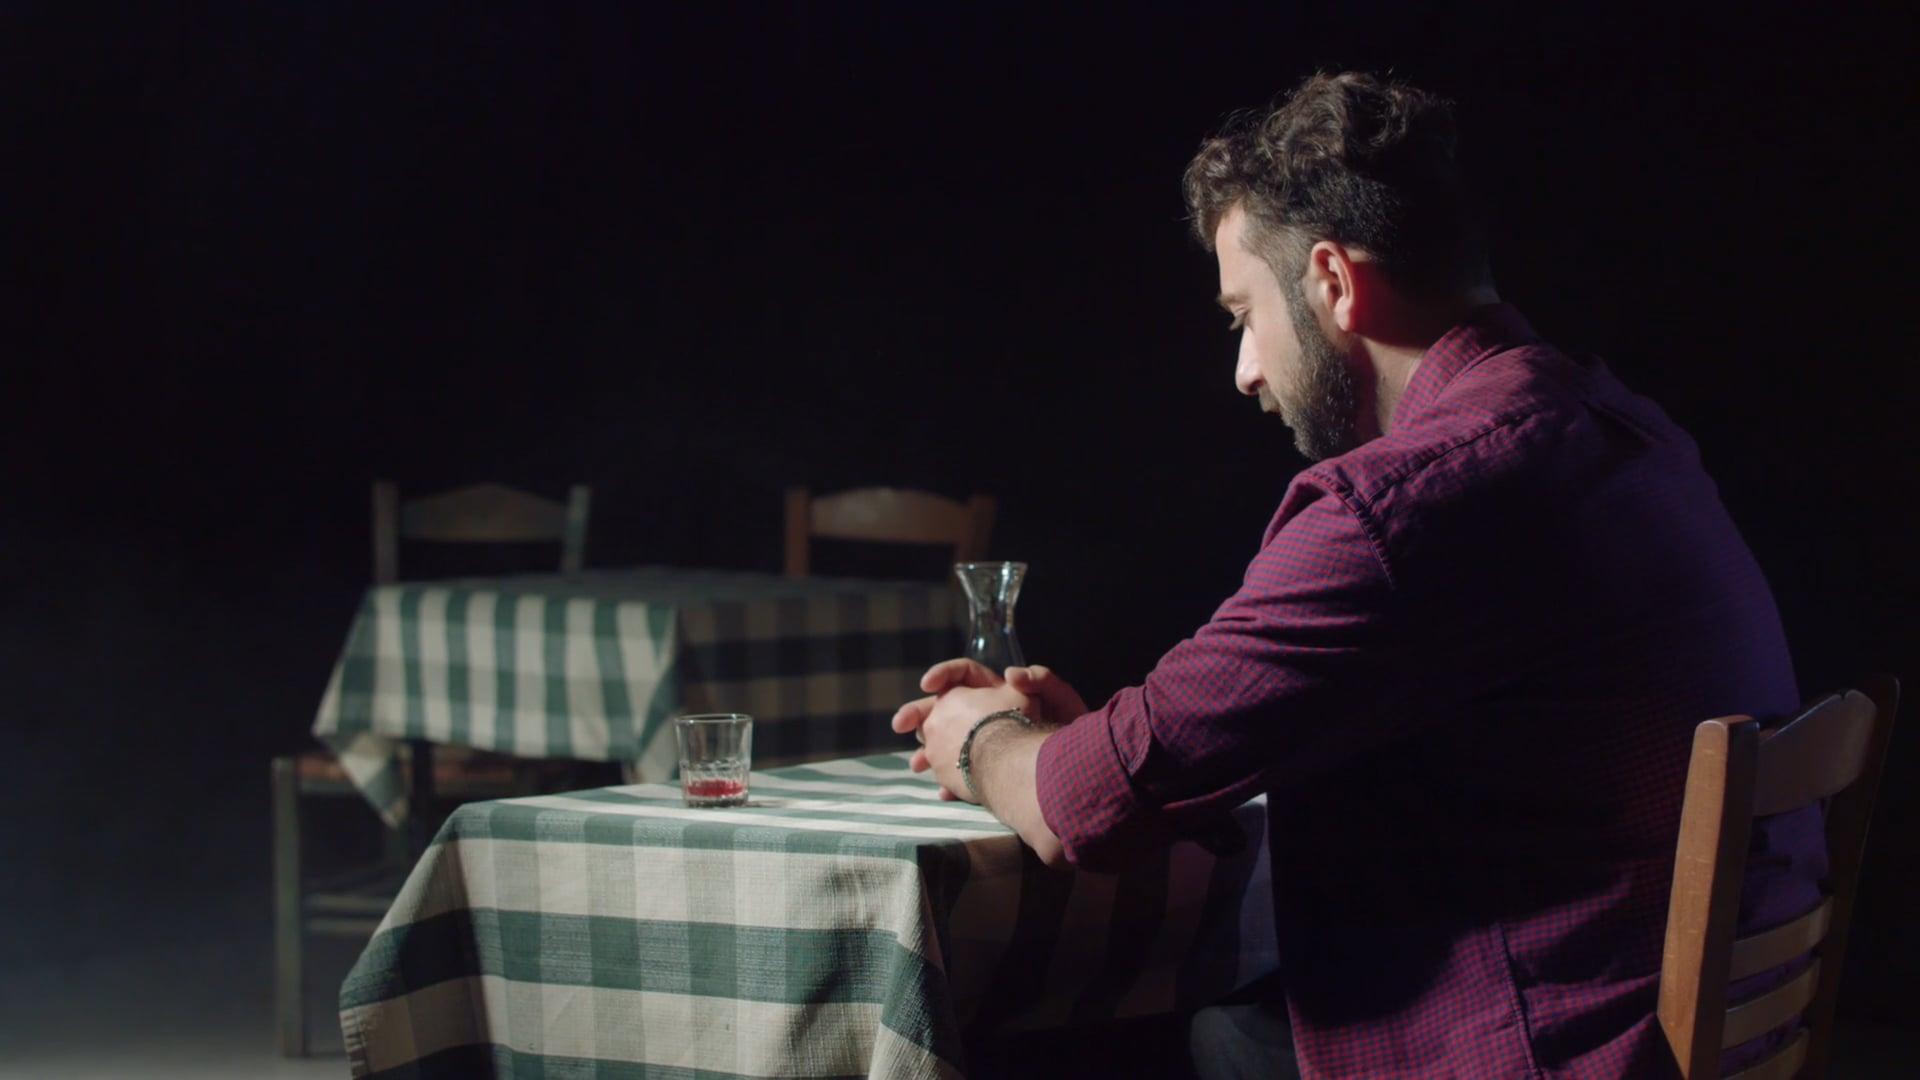 Ένα απτάλικο Σαμπάχ - Ανακόρντα (music video)